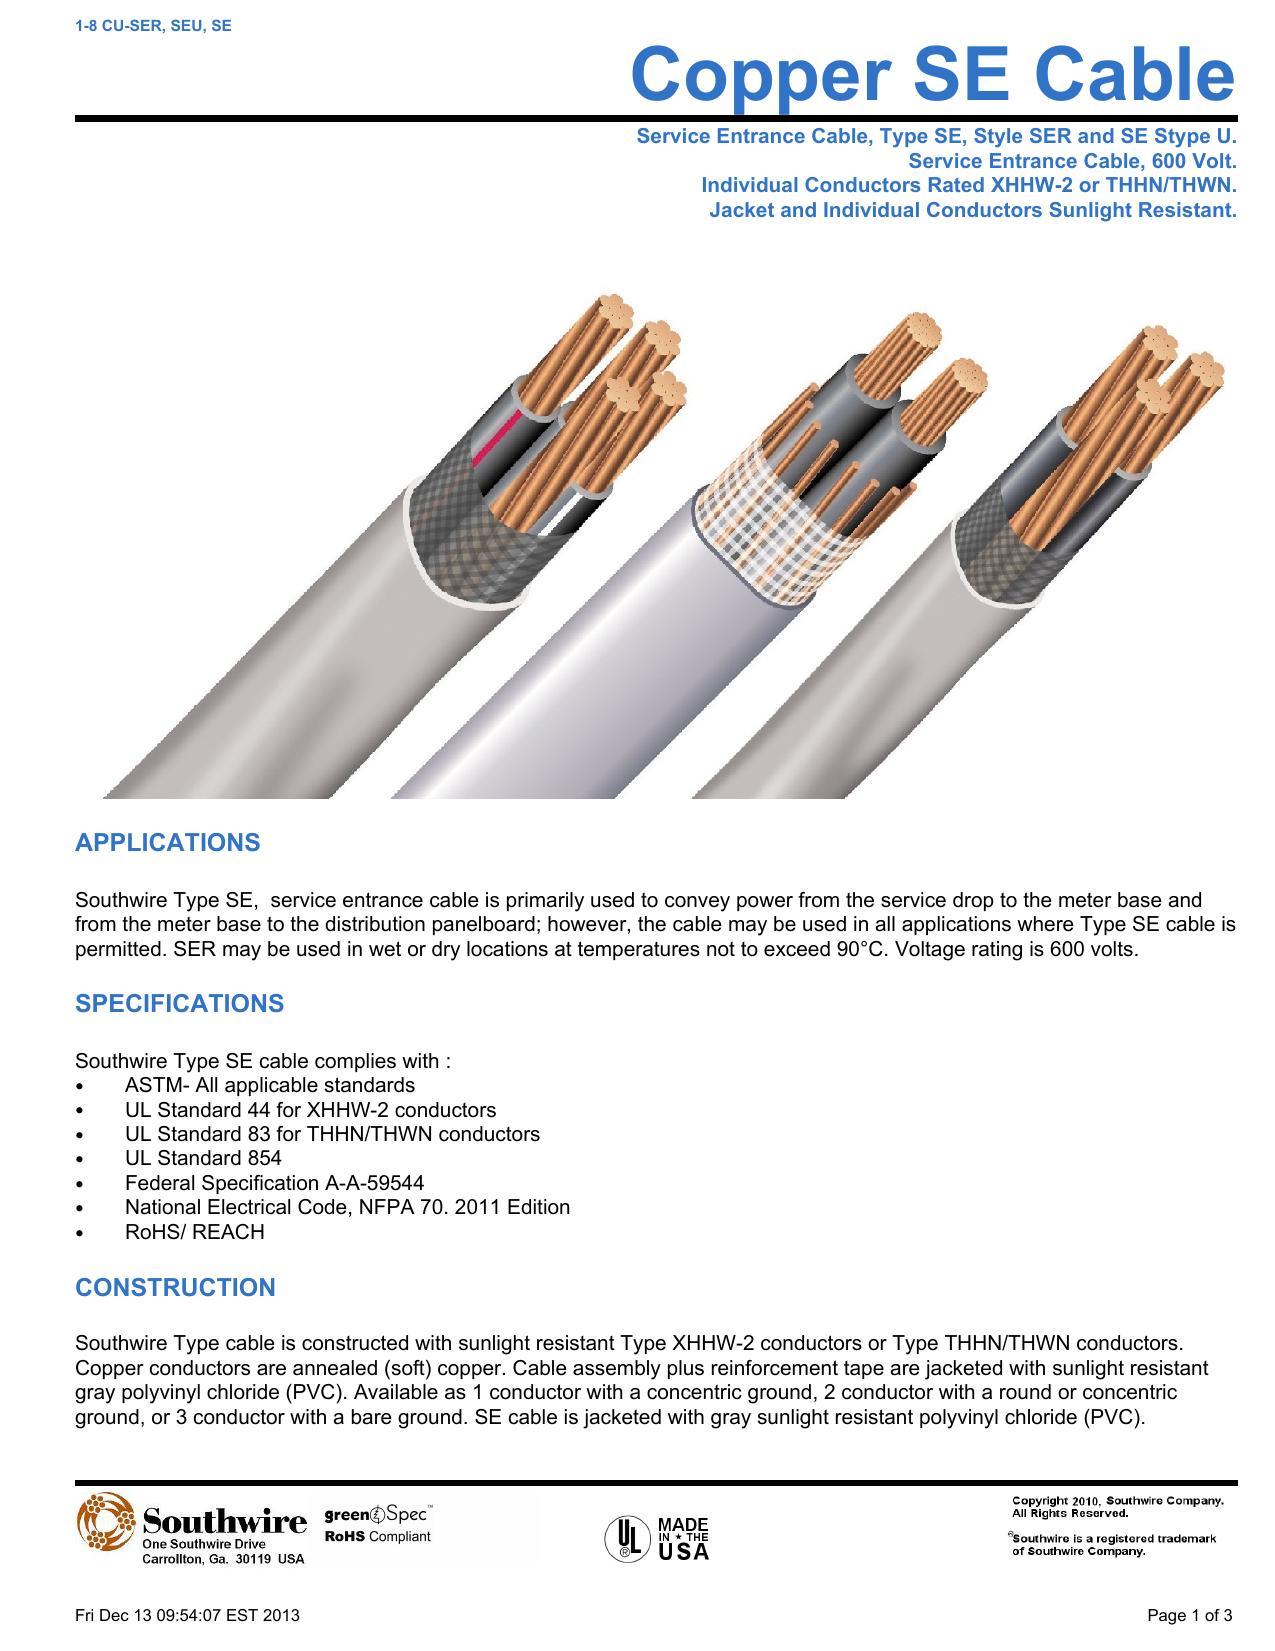 Copper Se Cable Electrical Wire Xhhw 018806612 1 95175ae6e25242e3eec58be47045b086